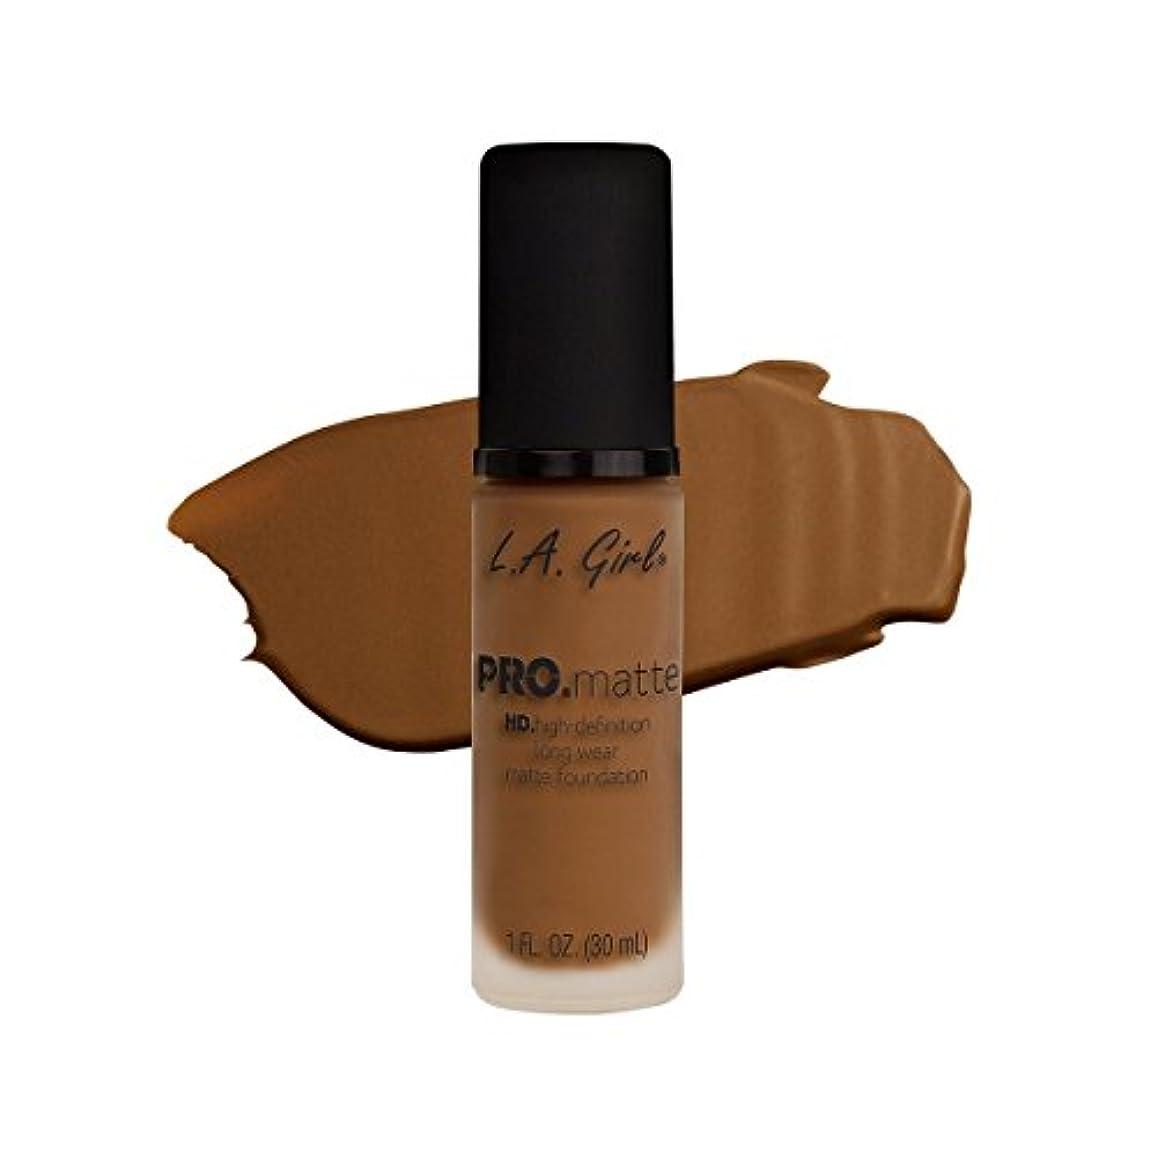 叙情的な控えめな修正(6 Pack) L.A. GIRL Pro Matte Foundation - Nutmeg (並行輸入品)